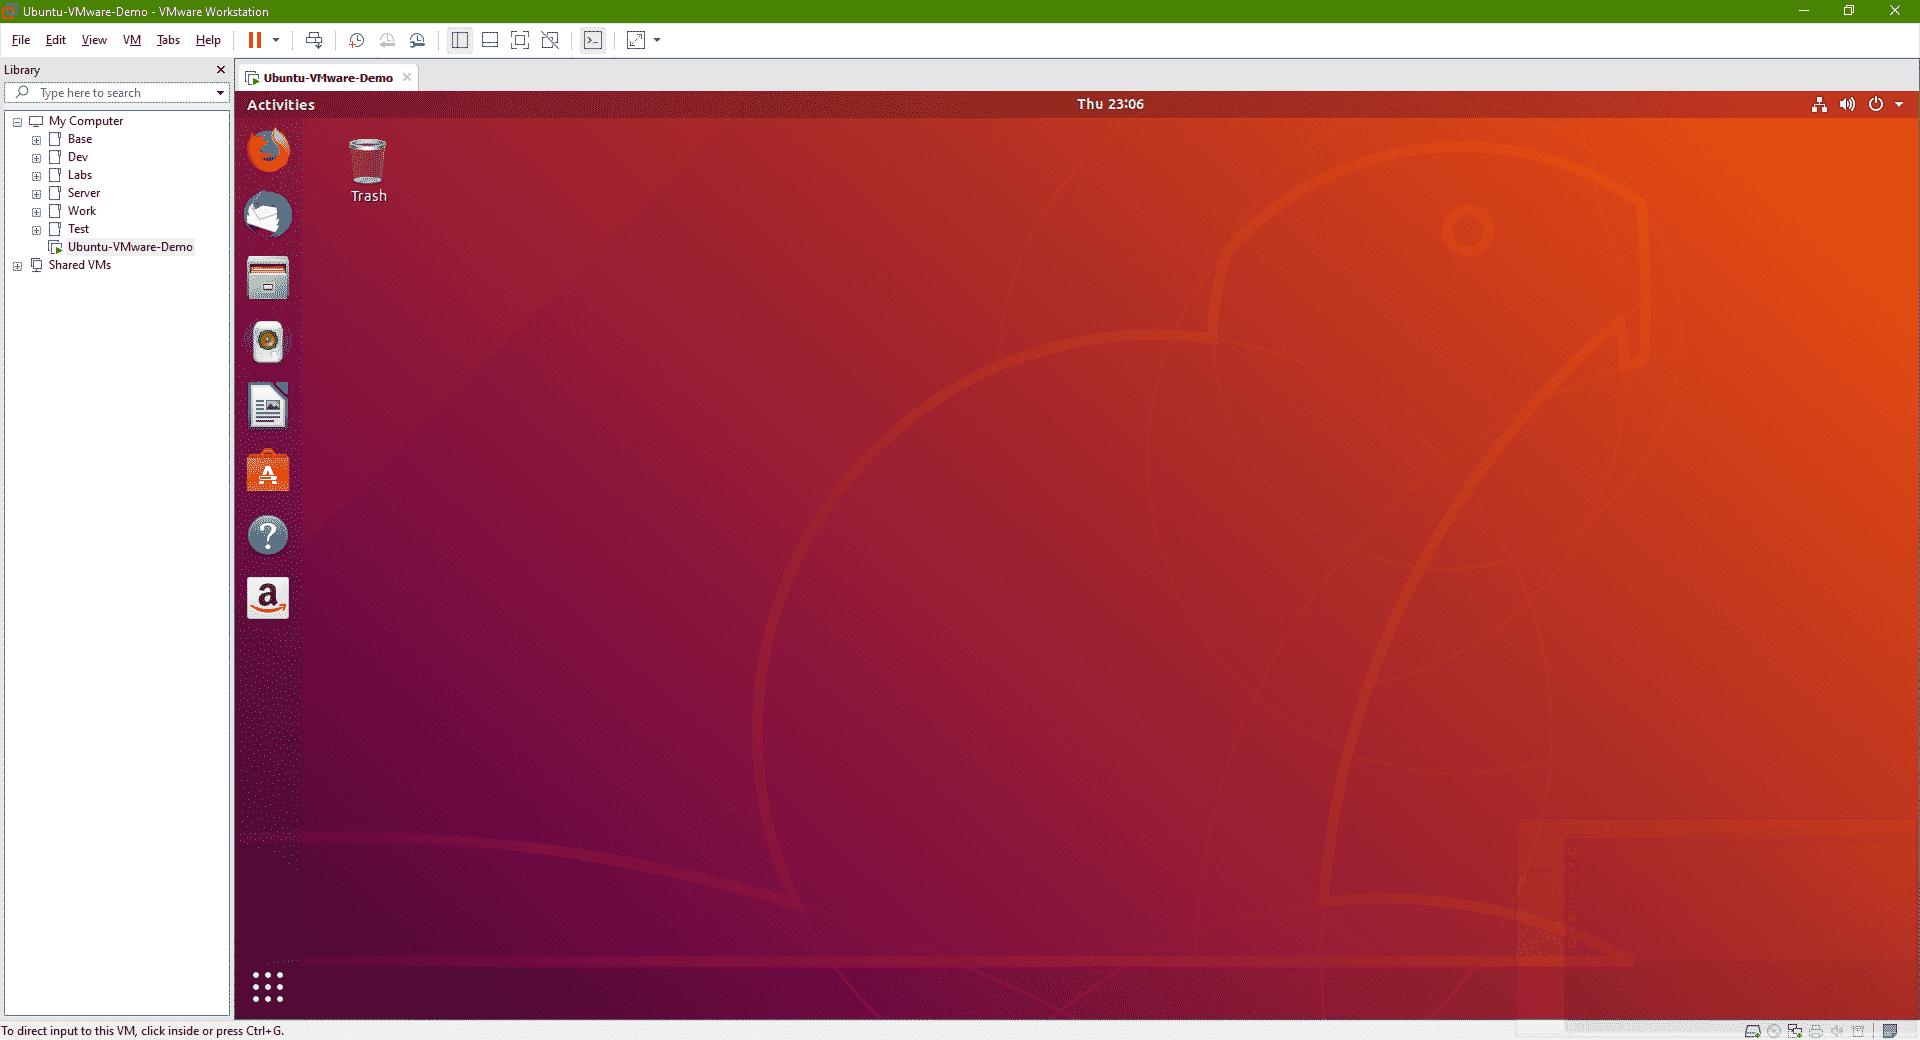 Install Linux on Windows using VM